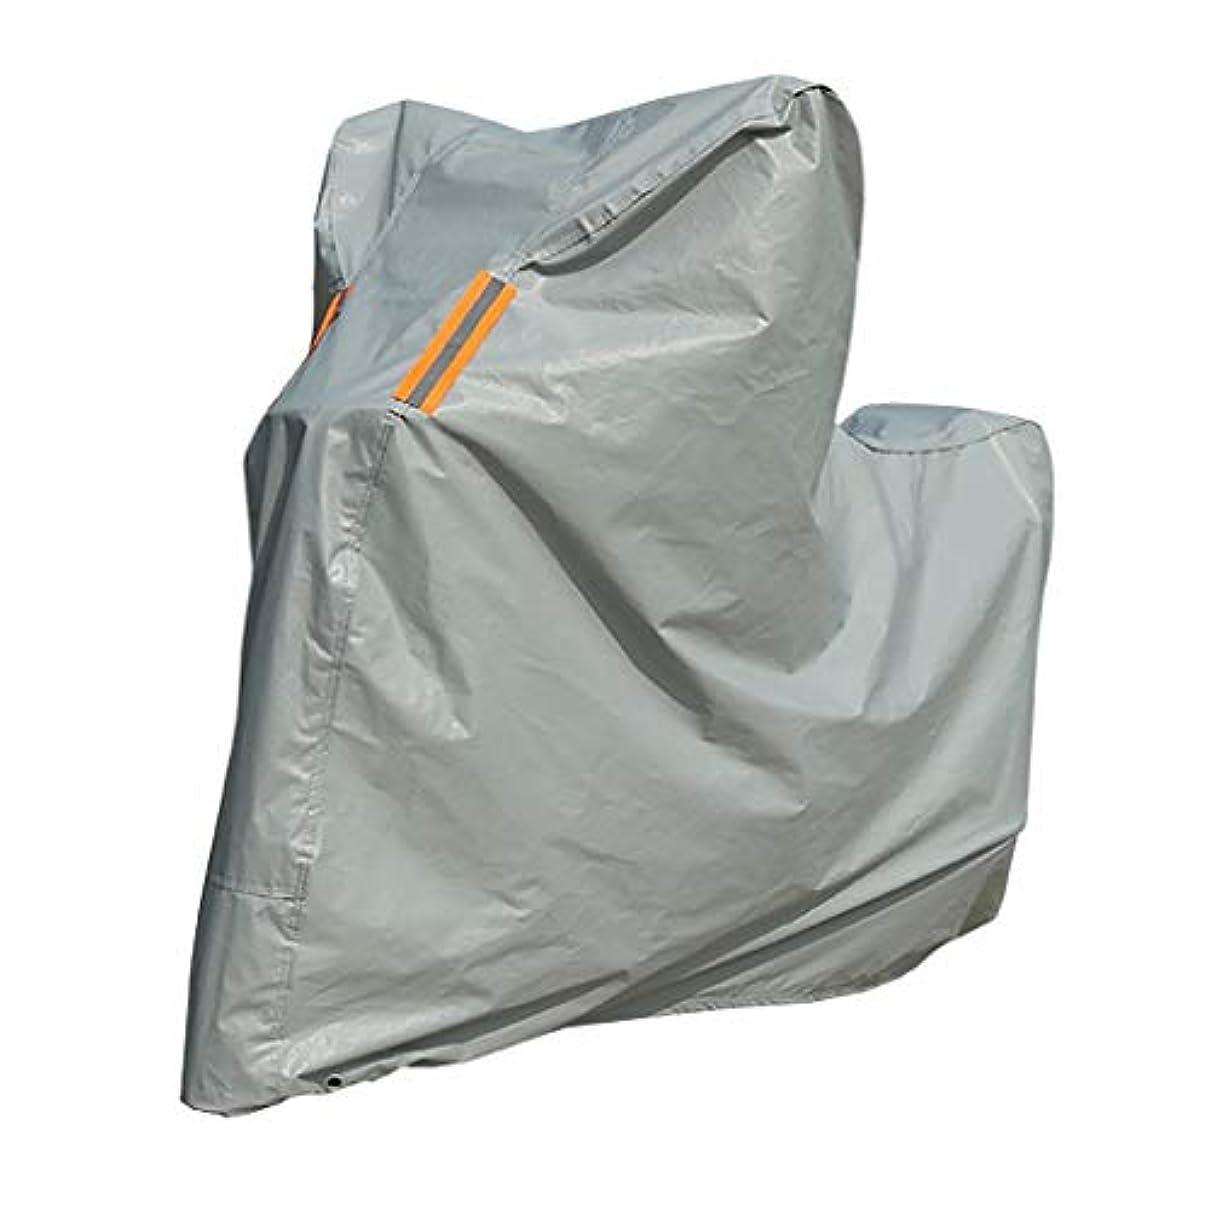 アサートスケジュール前提条件自転車カバー頑丈な防水自転車の防塵カバー屋内と屋外の防雨防雨UV弾性裾サイズ200-230 cm(78.7